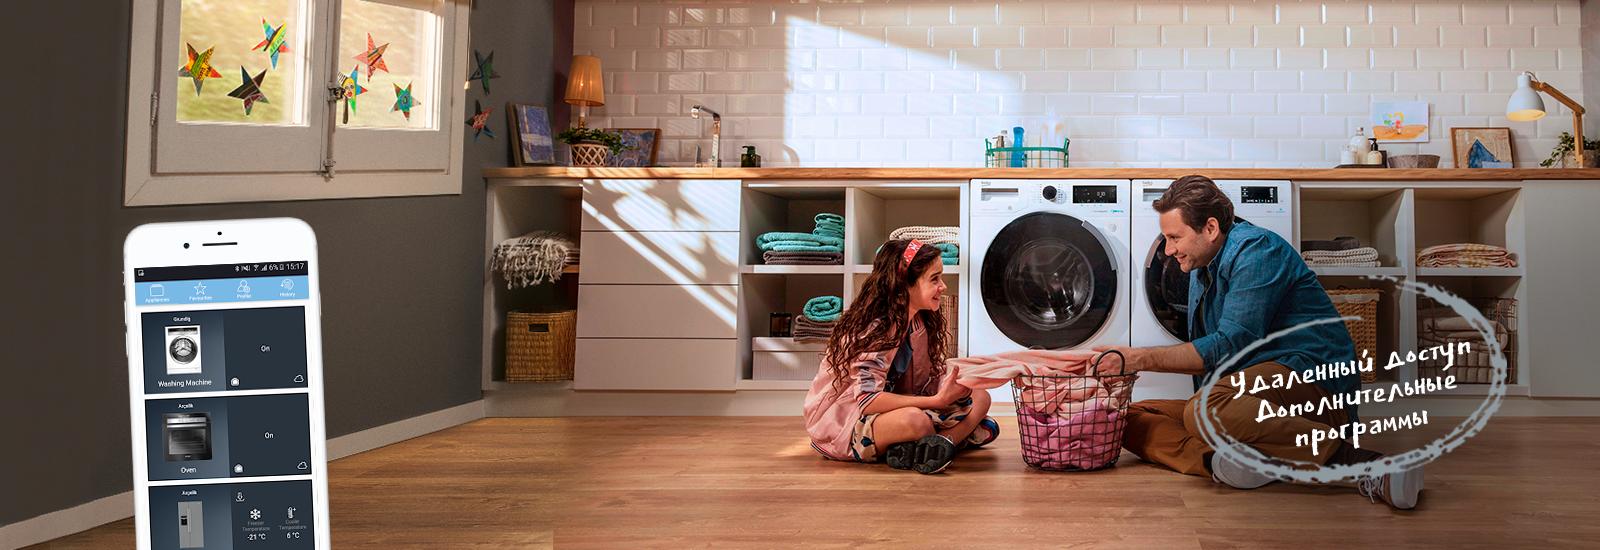 Управляй стиральной машиной</br> через мобильное приложение